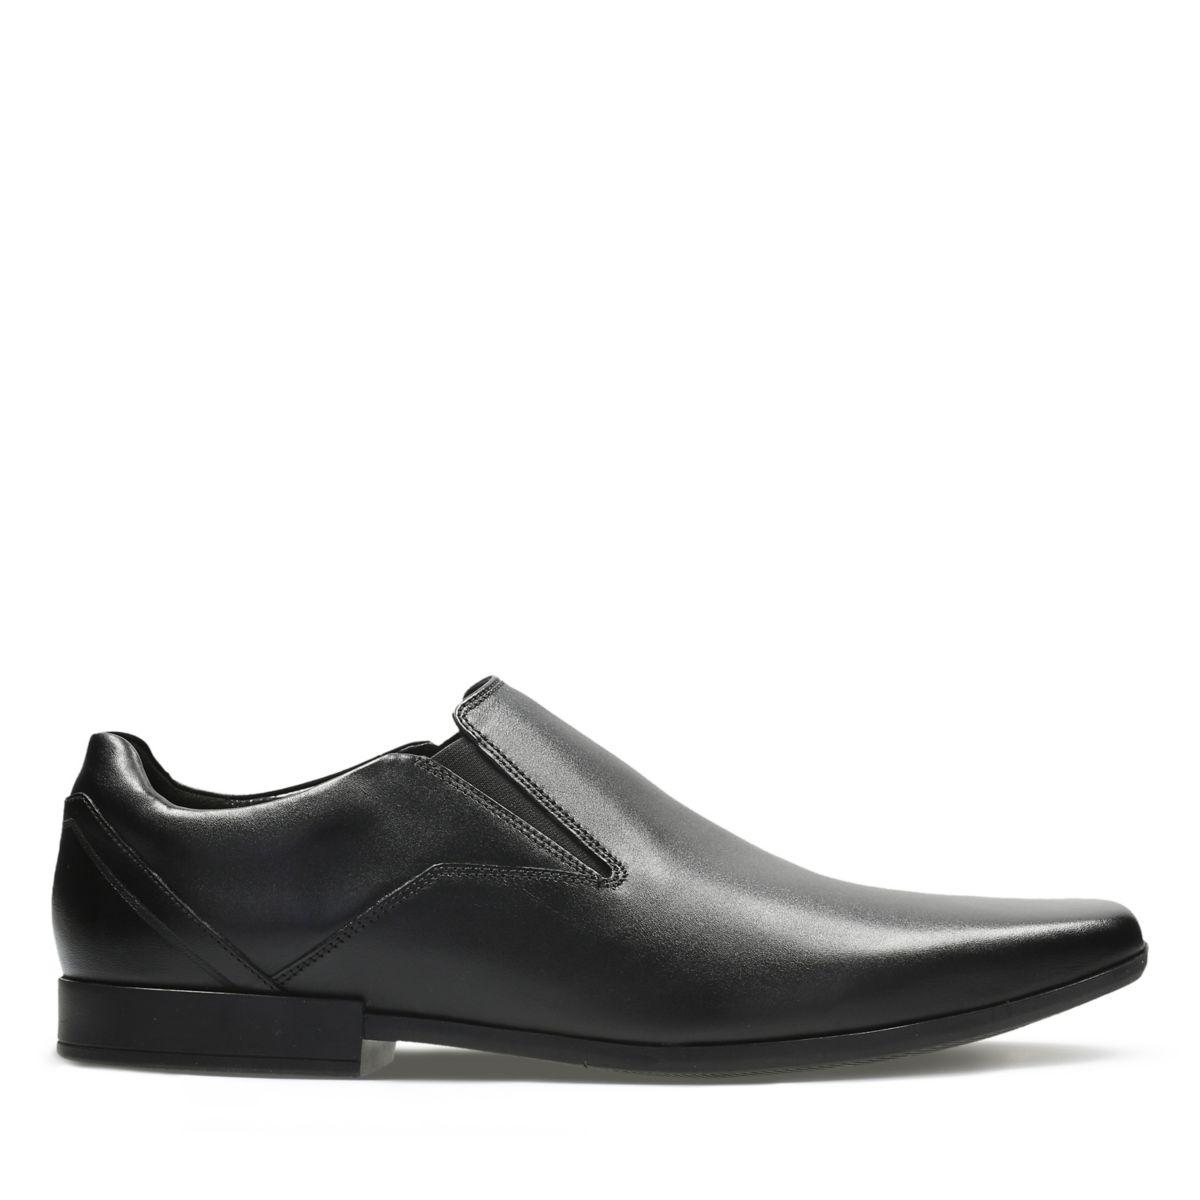 Mens Black Shoes Black Leather Shoes Clarks